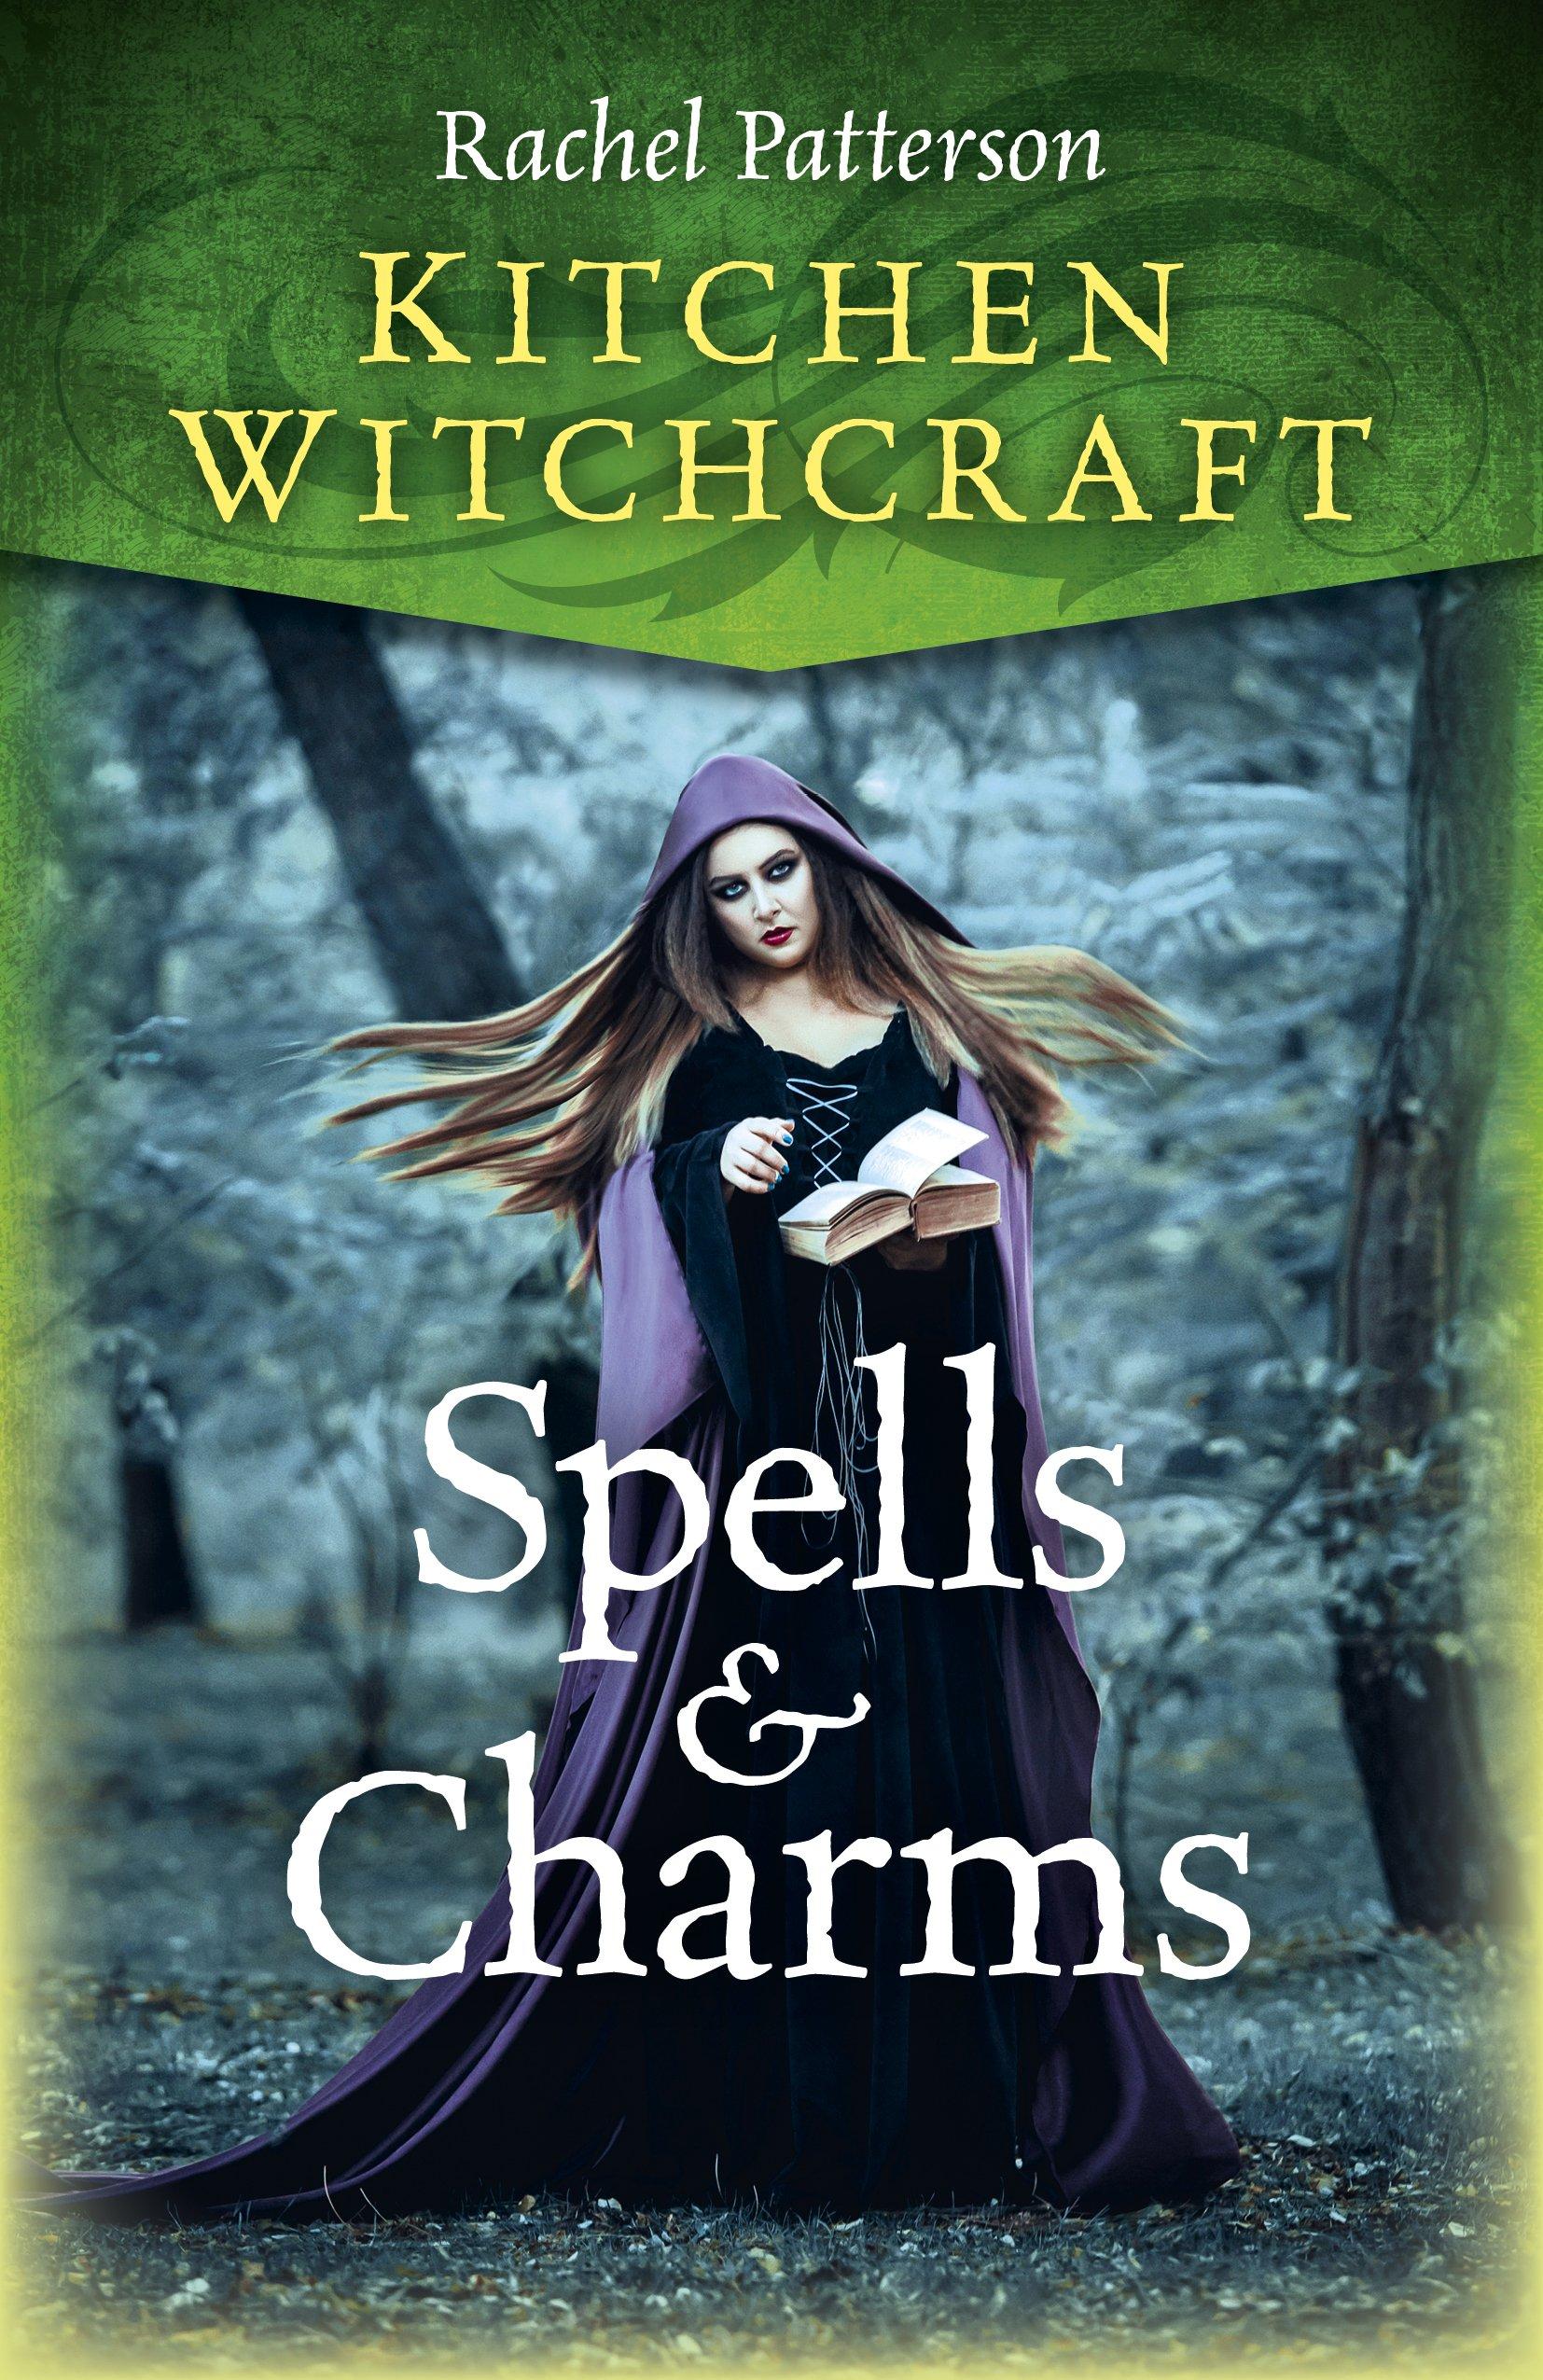 Kitchen Witchcraft: Spells & Charms: Rachel Patterson: 9781785357688 ...